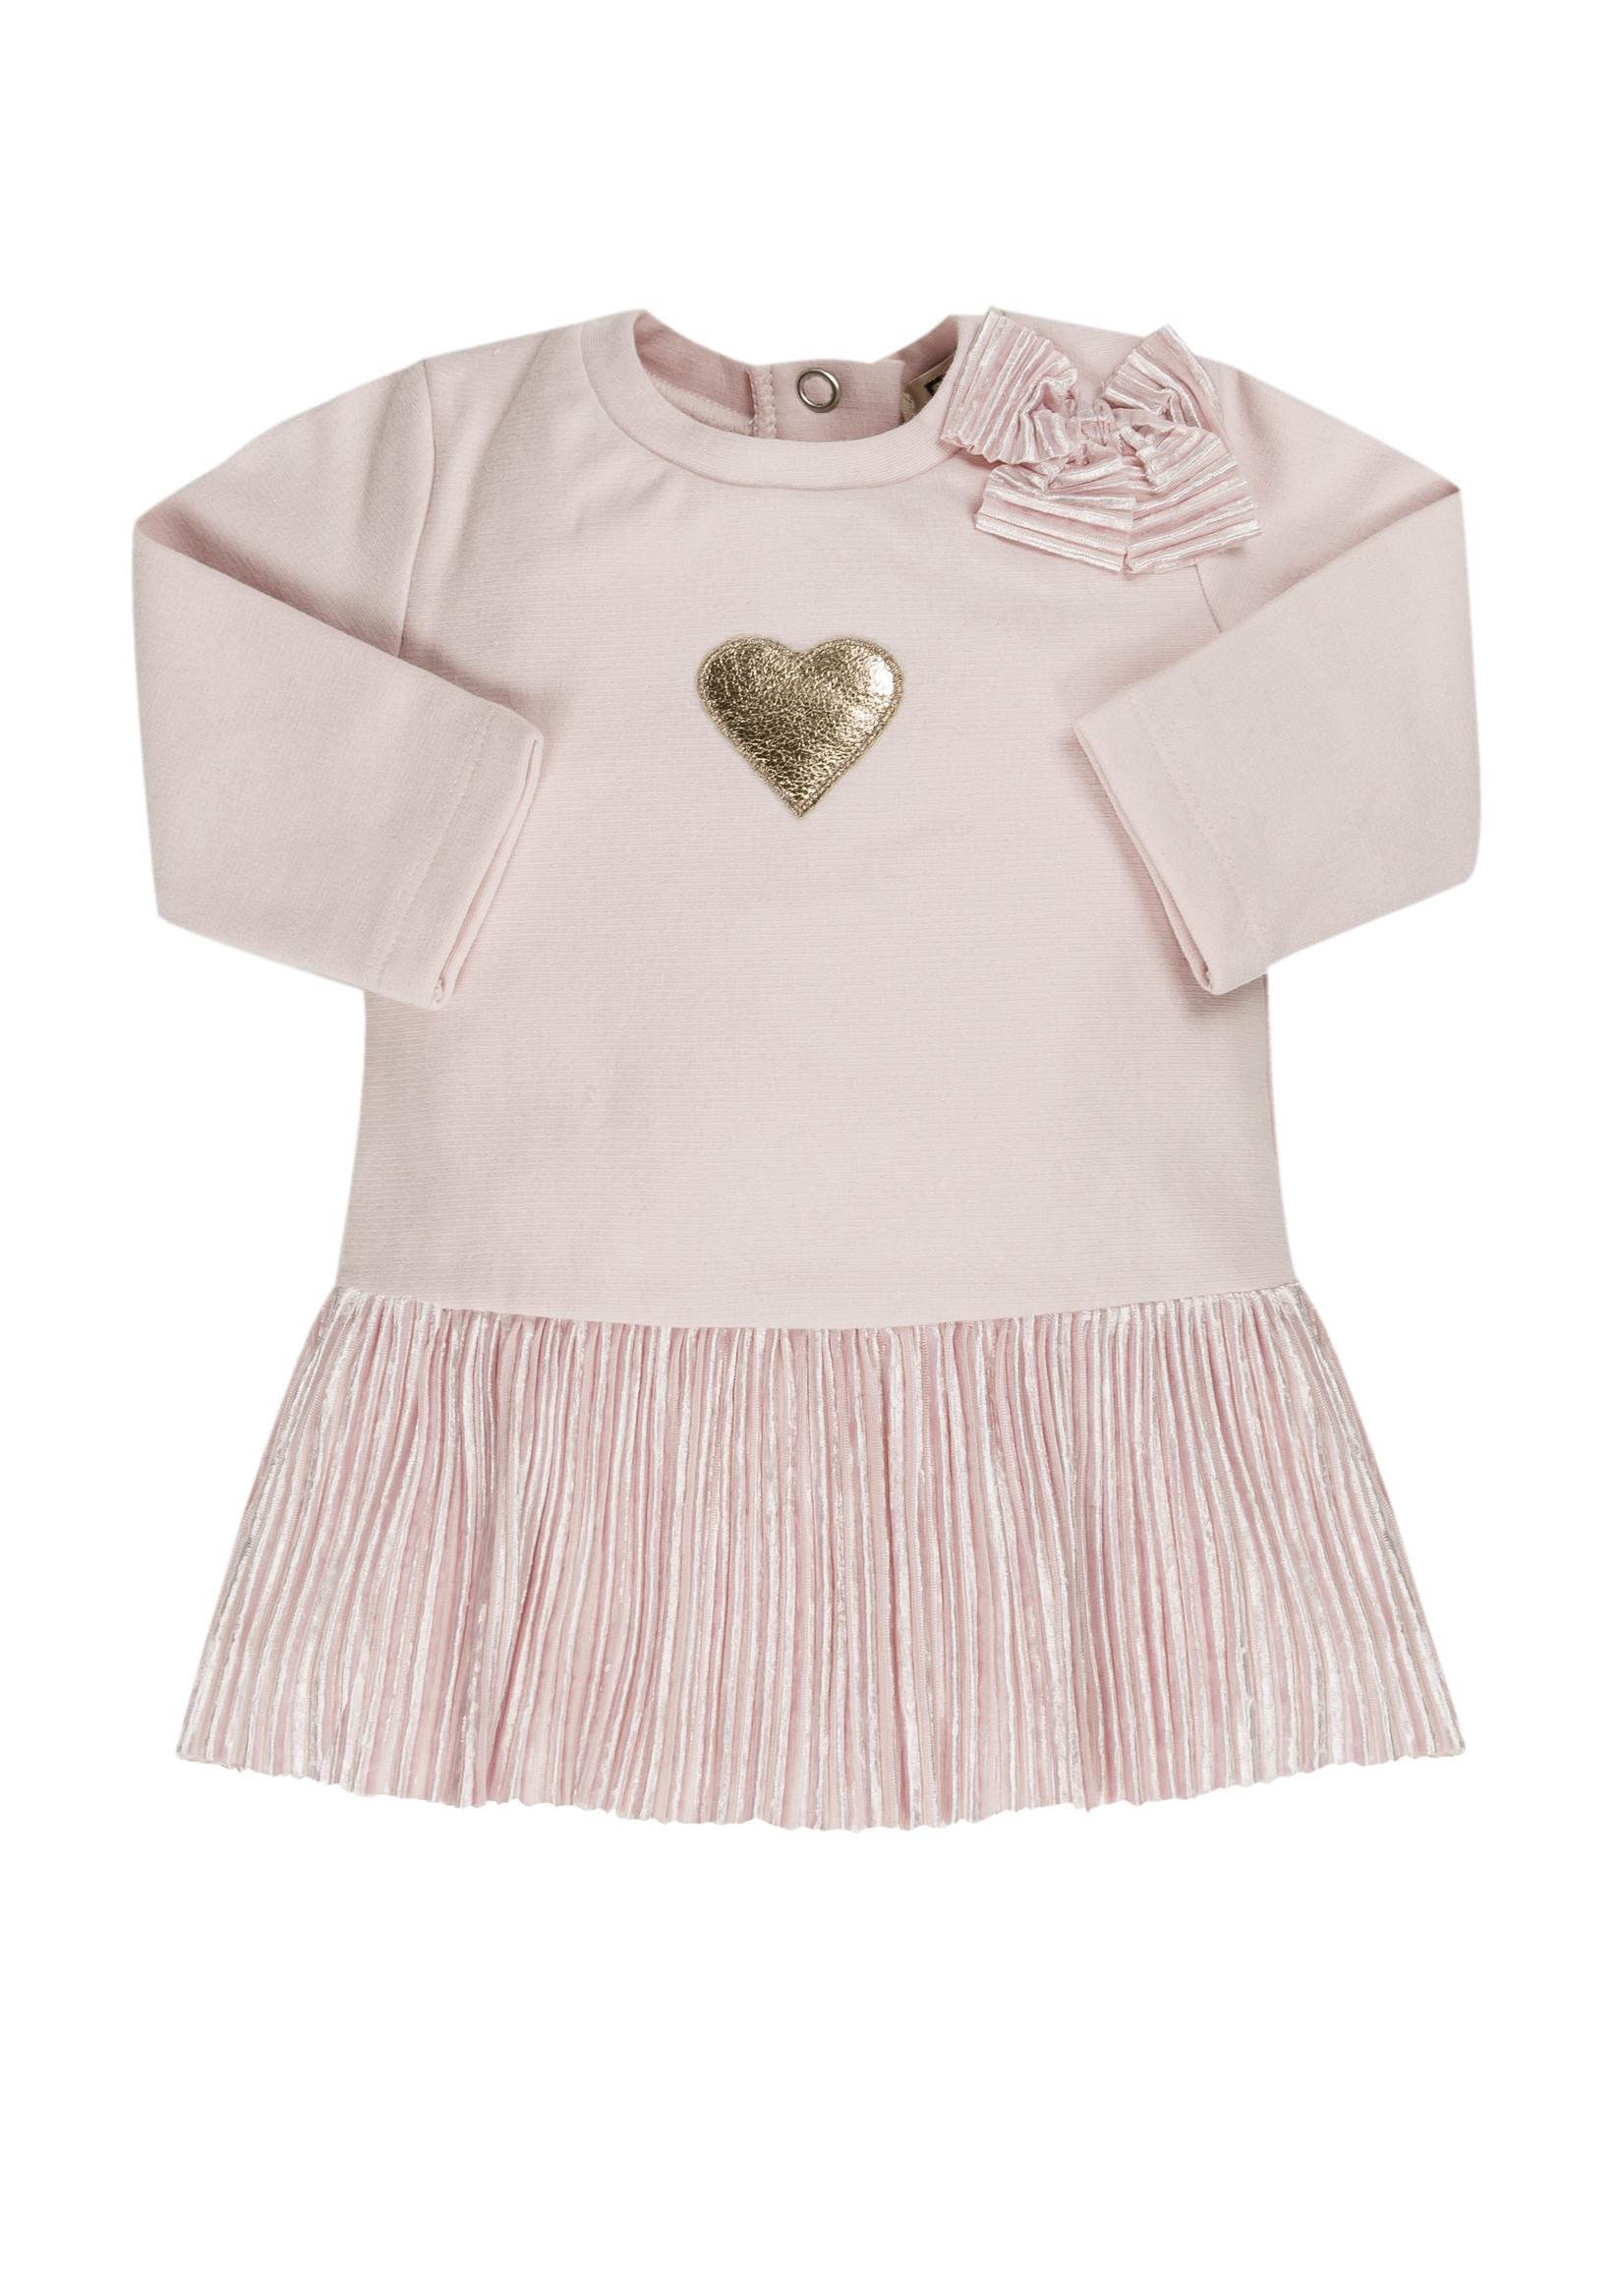 EMC EMC pink dress heart velour